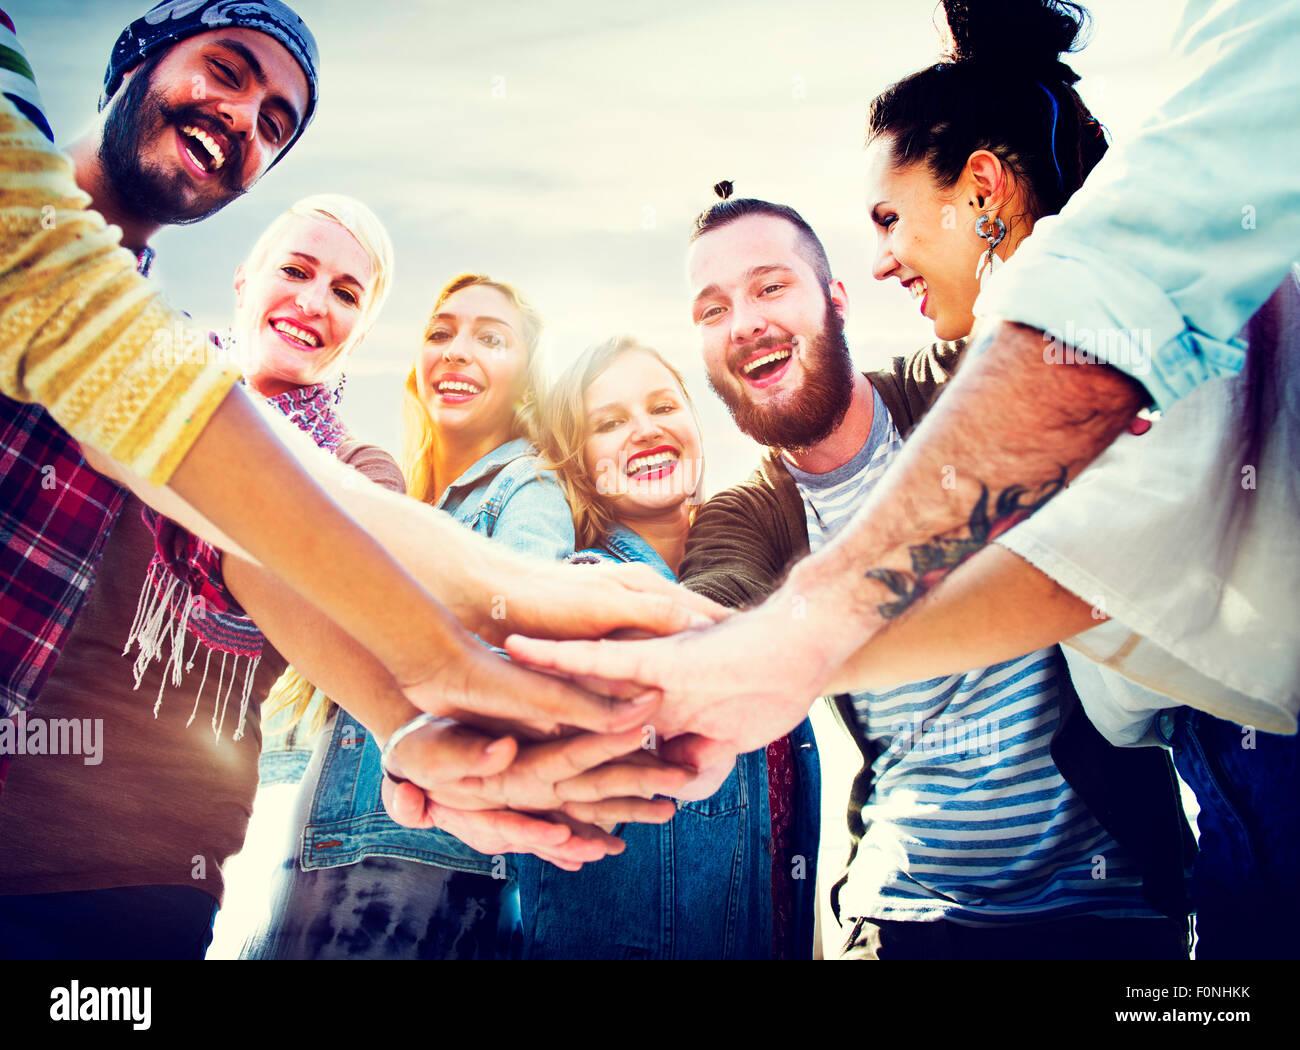 Inscrivez-vous d'amitié célébration mains été plage Concept Photo Stock